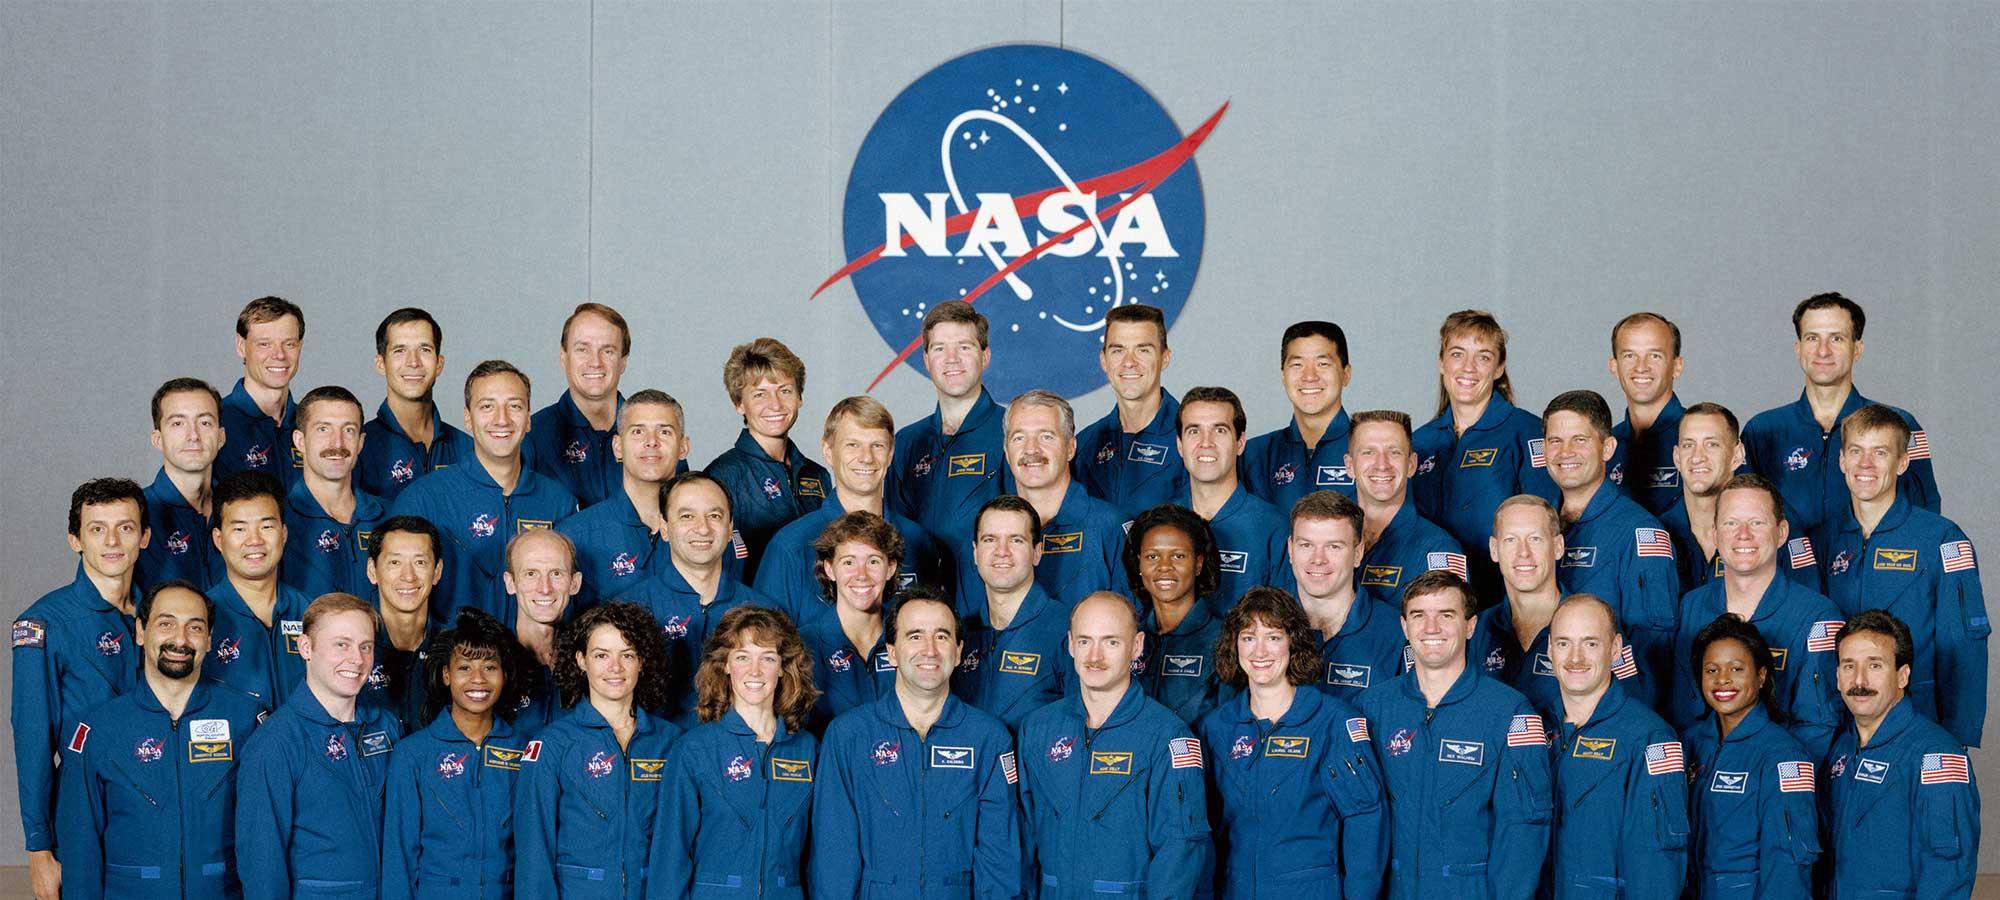 Astronaut, kosmonaut eller taikonaut?